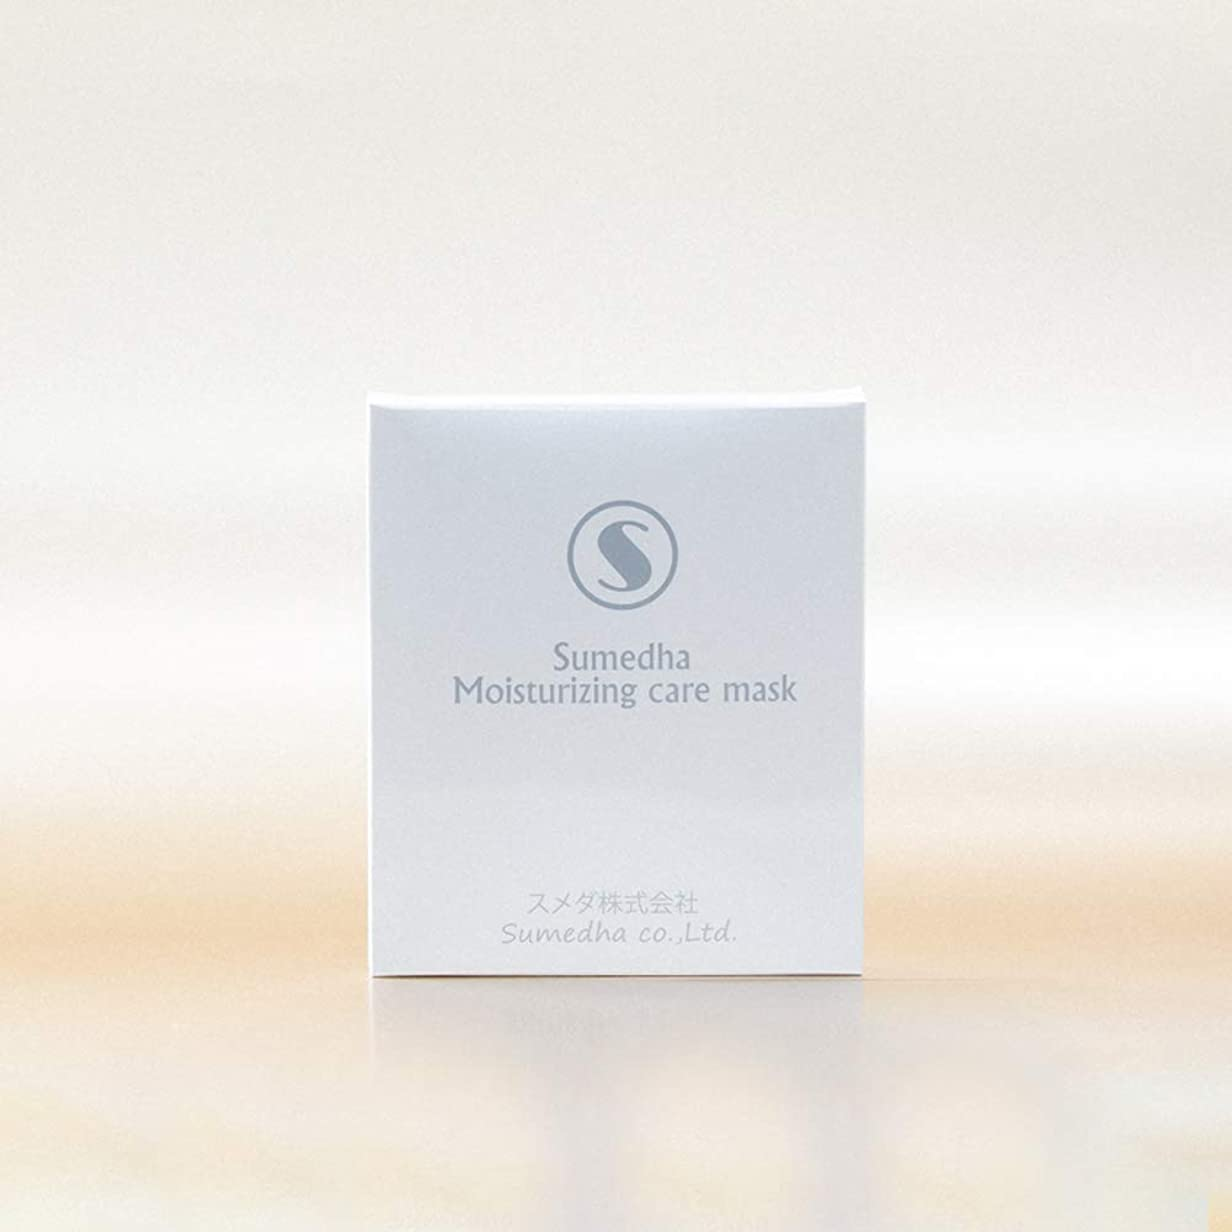 タバコのため不安定フェイスマスク Sumedha パック 保湿マスク 日本製 マスク フェイスパック 3枚入り 美白 美容 アンチセンシティブ 角質層修復 保湿 補水 敏感肌 発赤 アレルギー緩和 コーセー (超保湿)